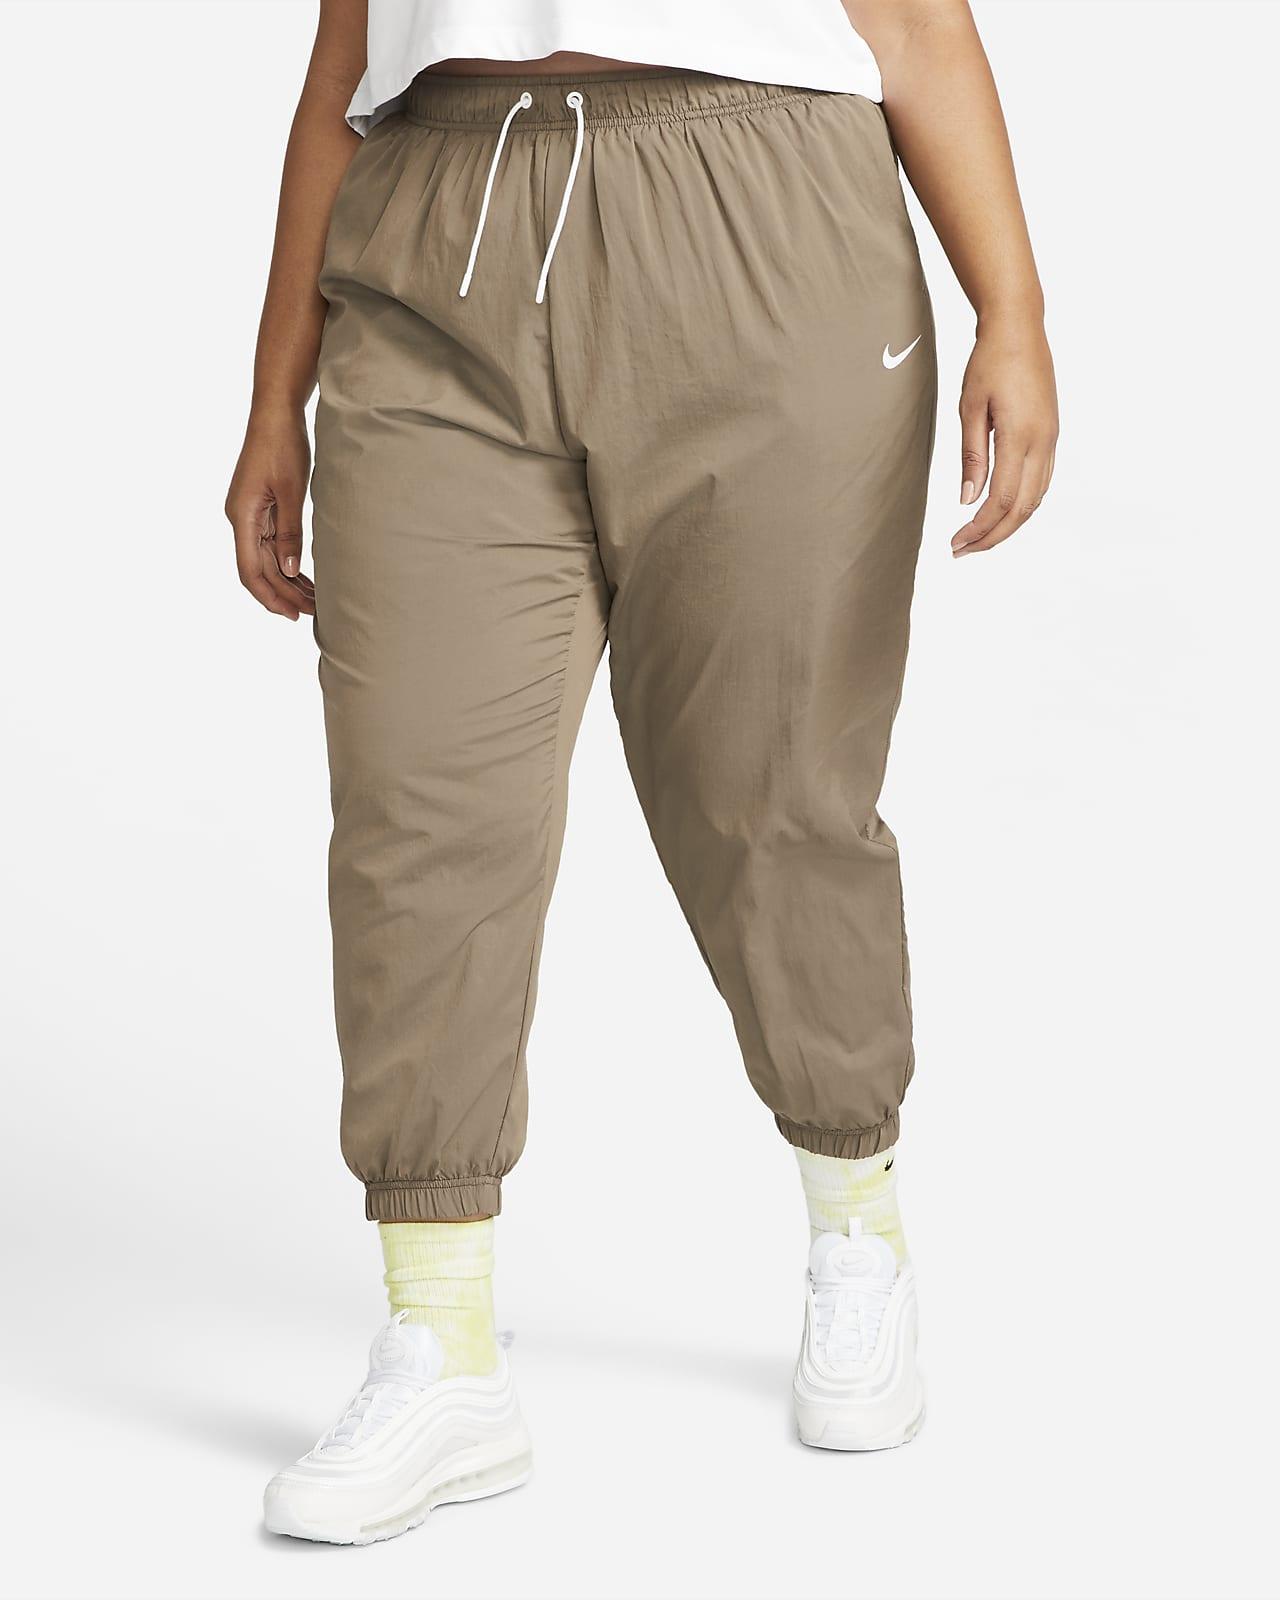 Nike Sportswear Essential Women's Oversized Woven Joggers (Plus Size)